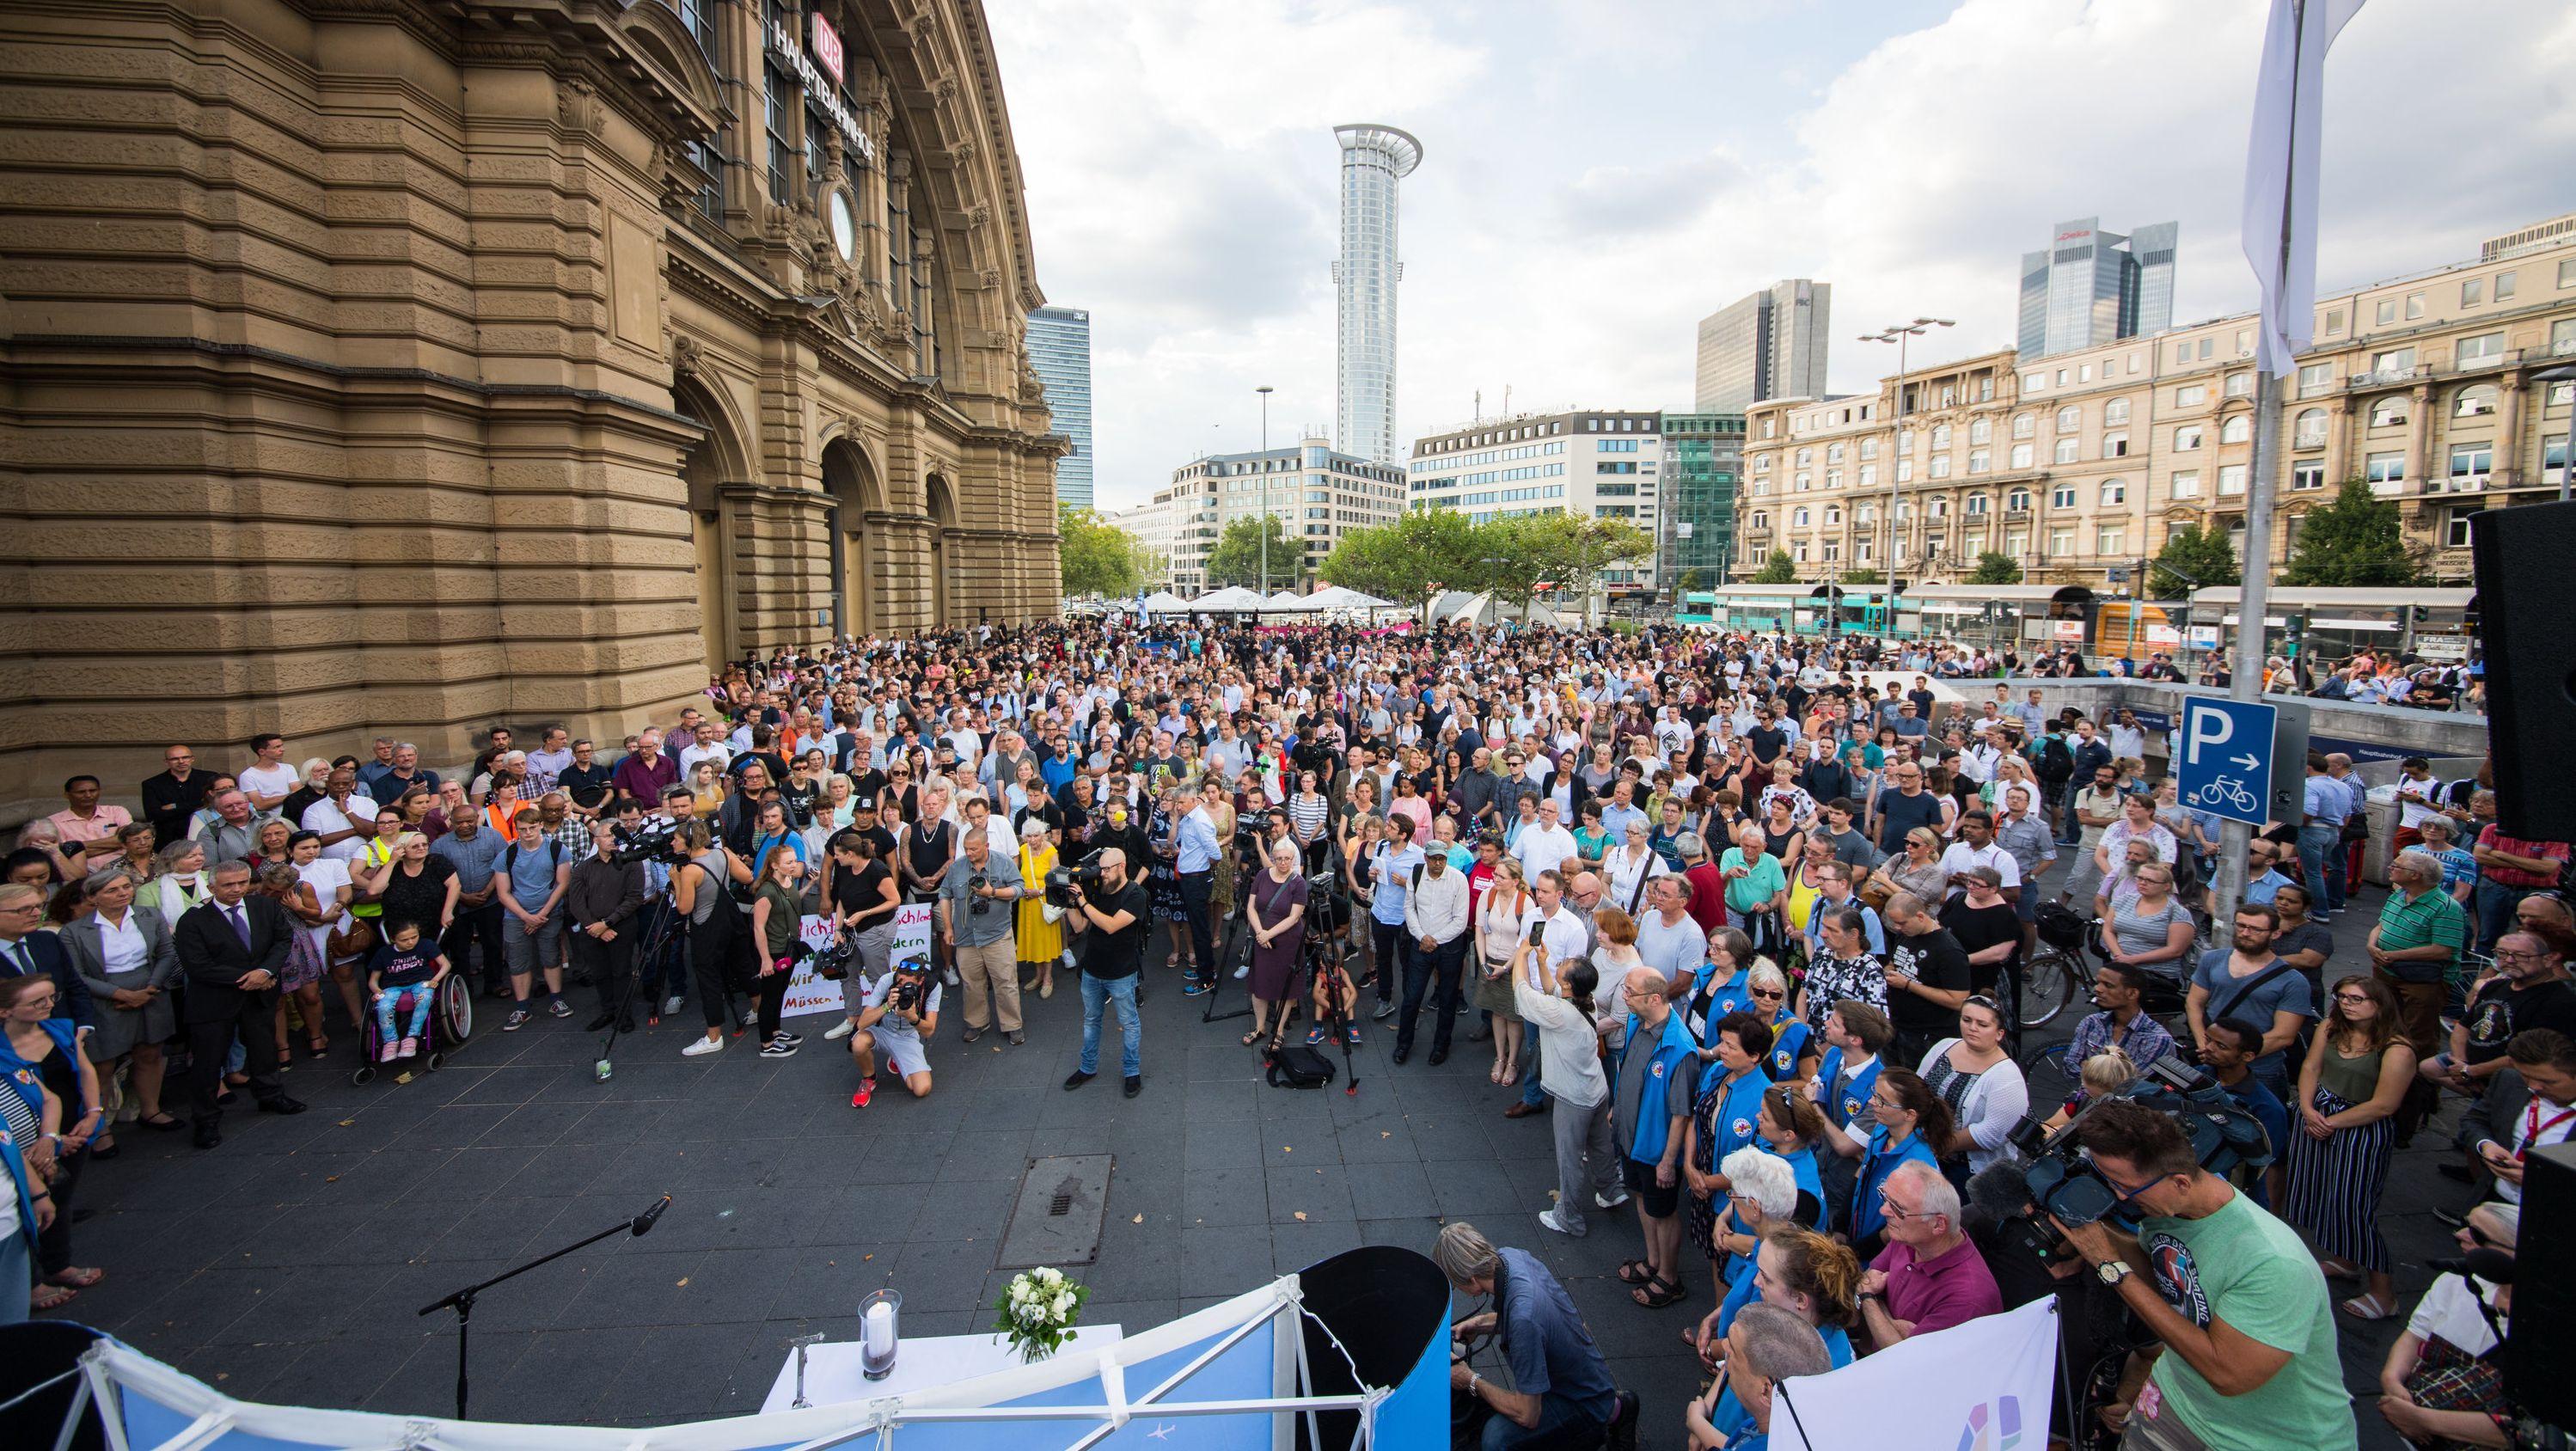 Trauerveranstaltung der Bahnhofsmission vor dem Frankfurter Hauptbahnhof